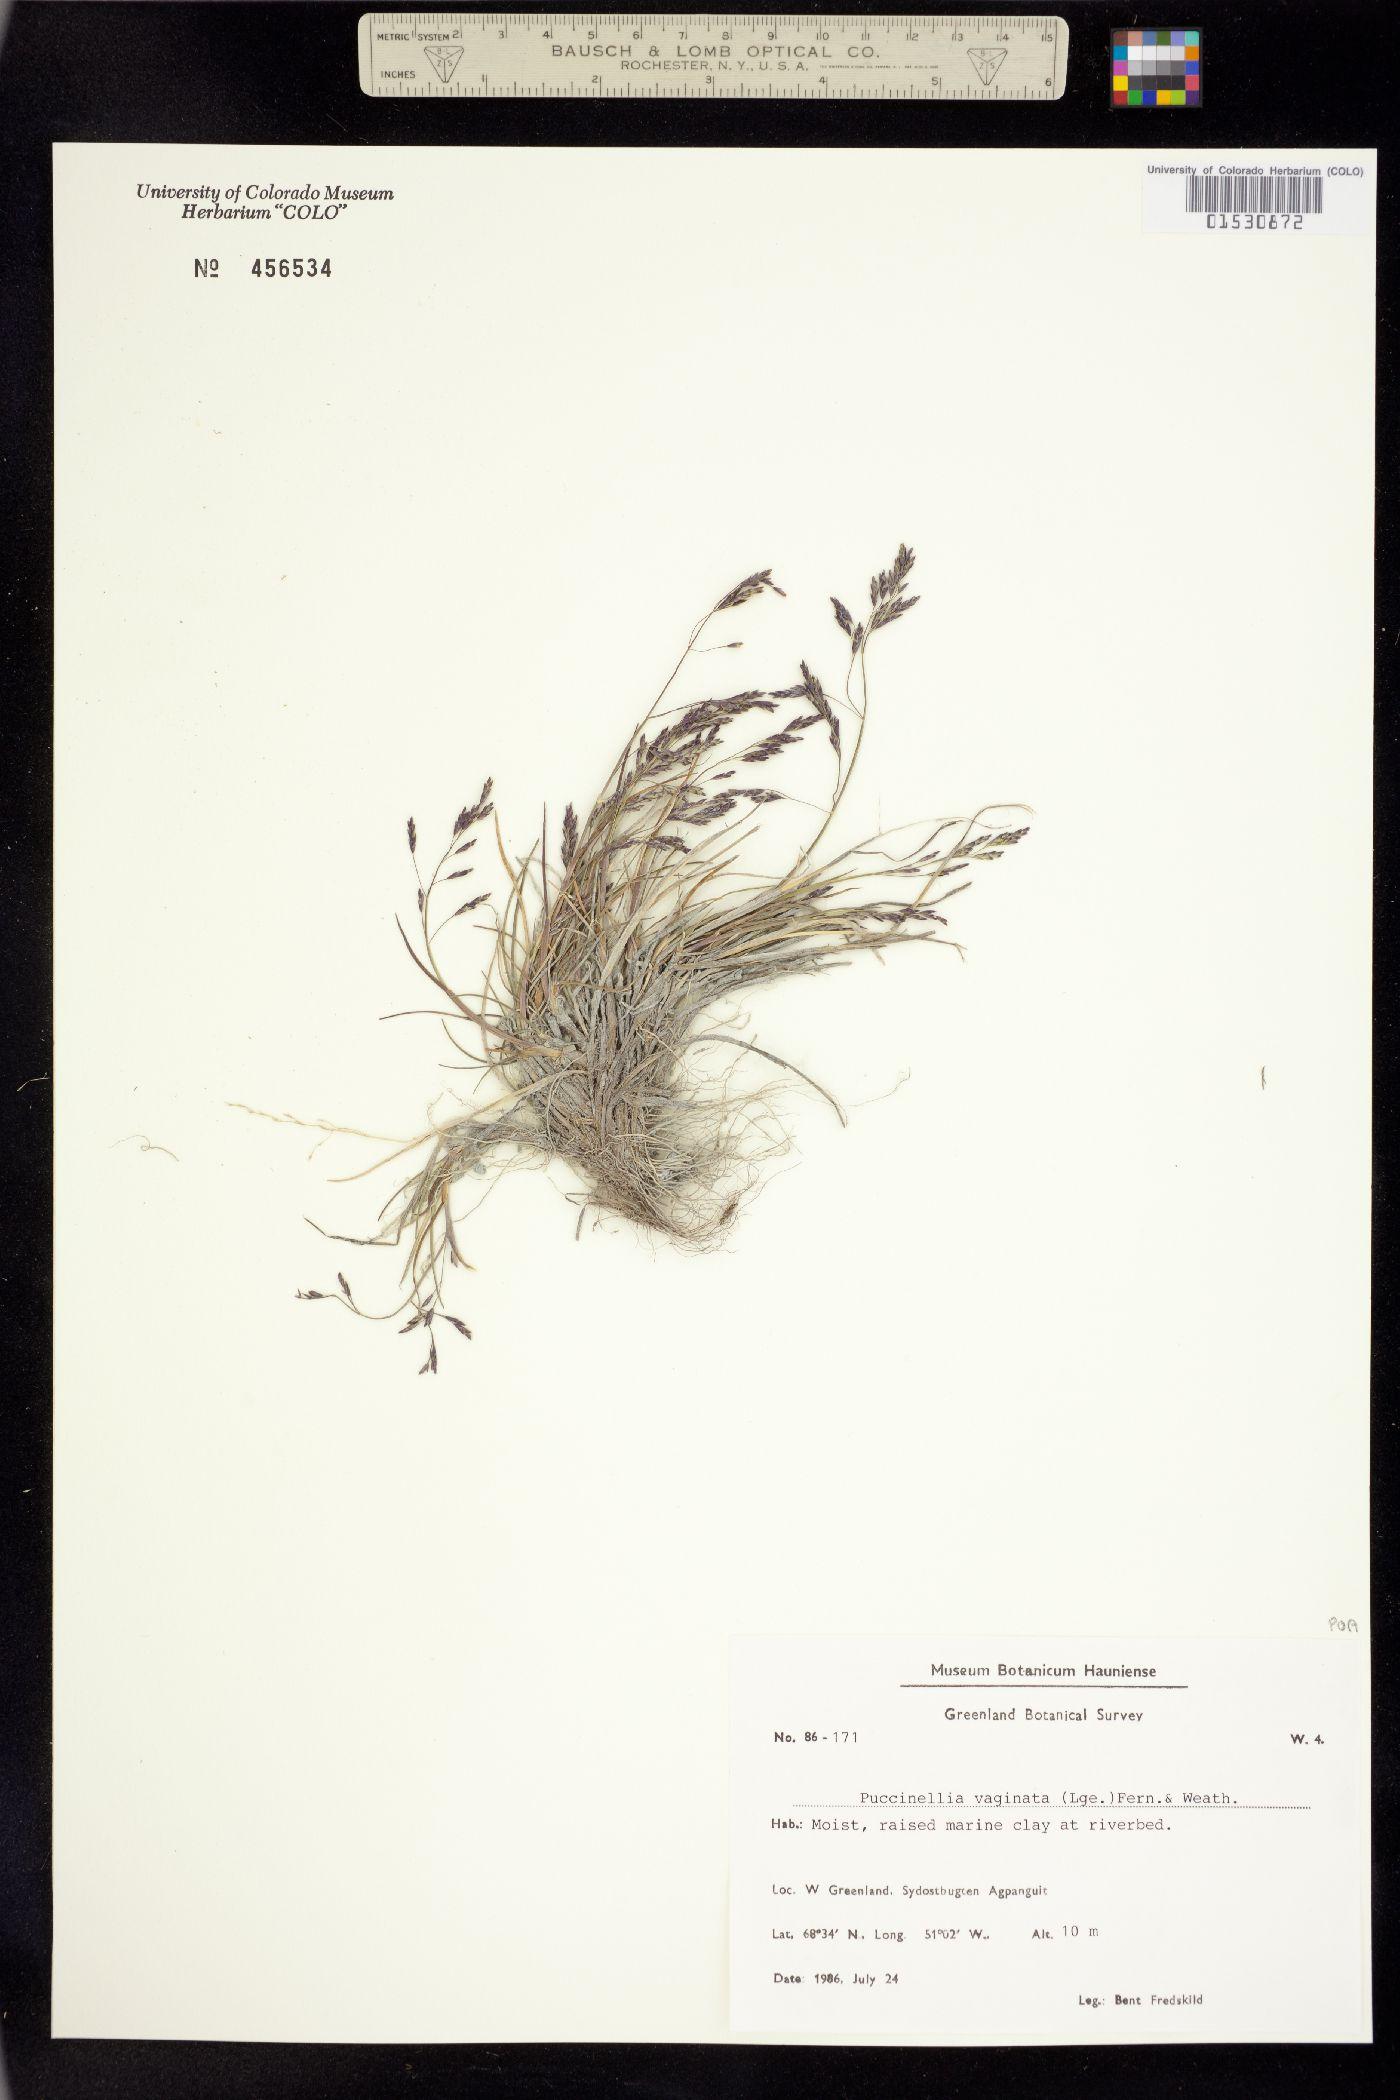 Puccinellia vaginata image